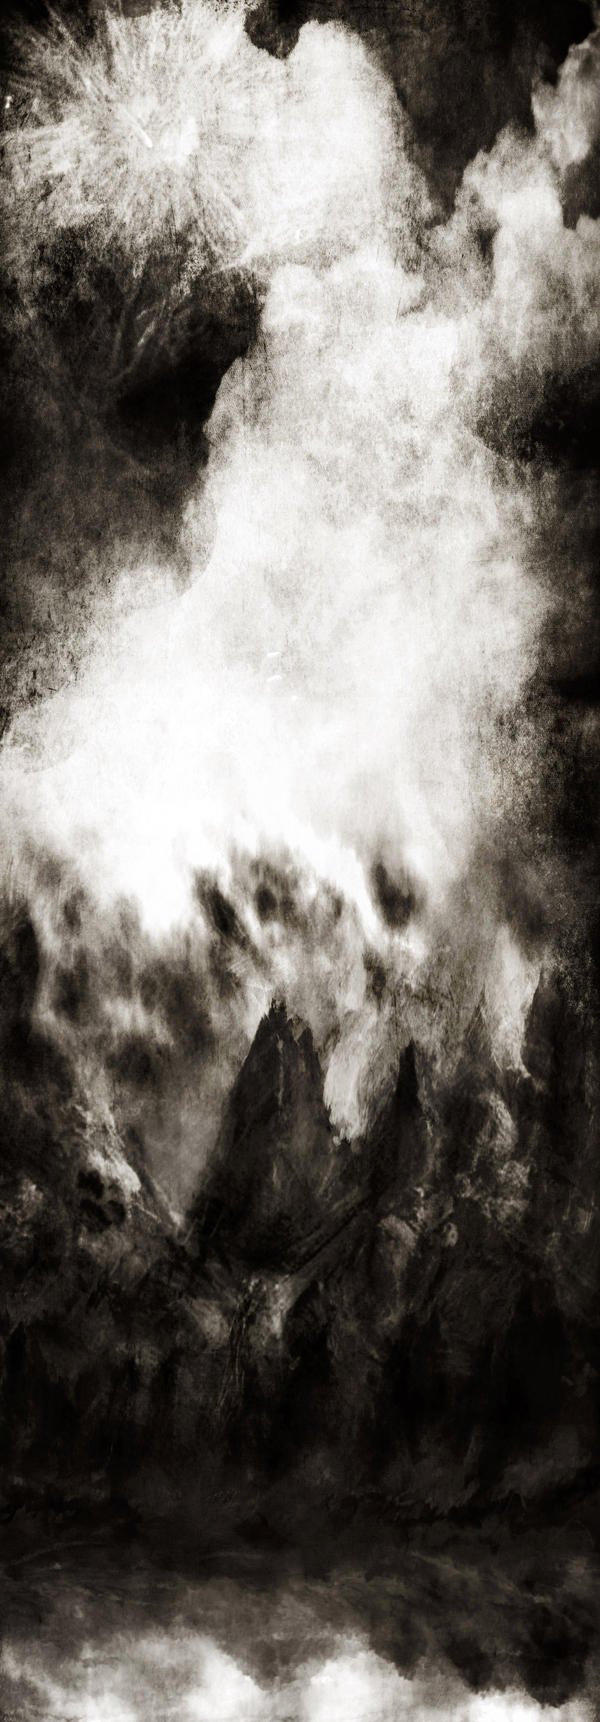 Cry of the Aethyr by TALONABRAXAS